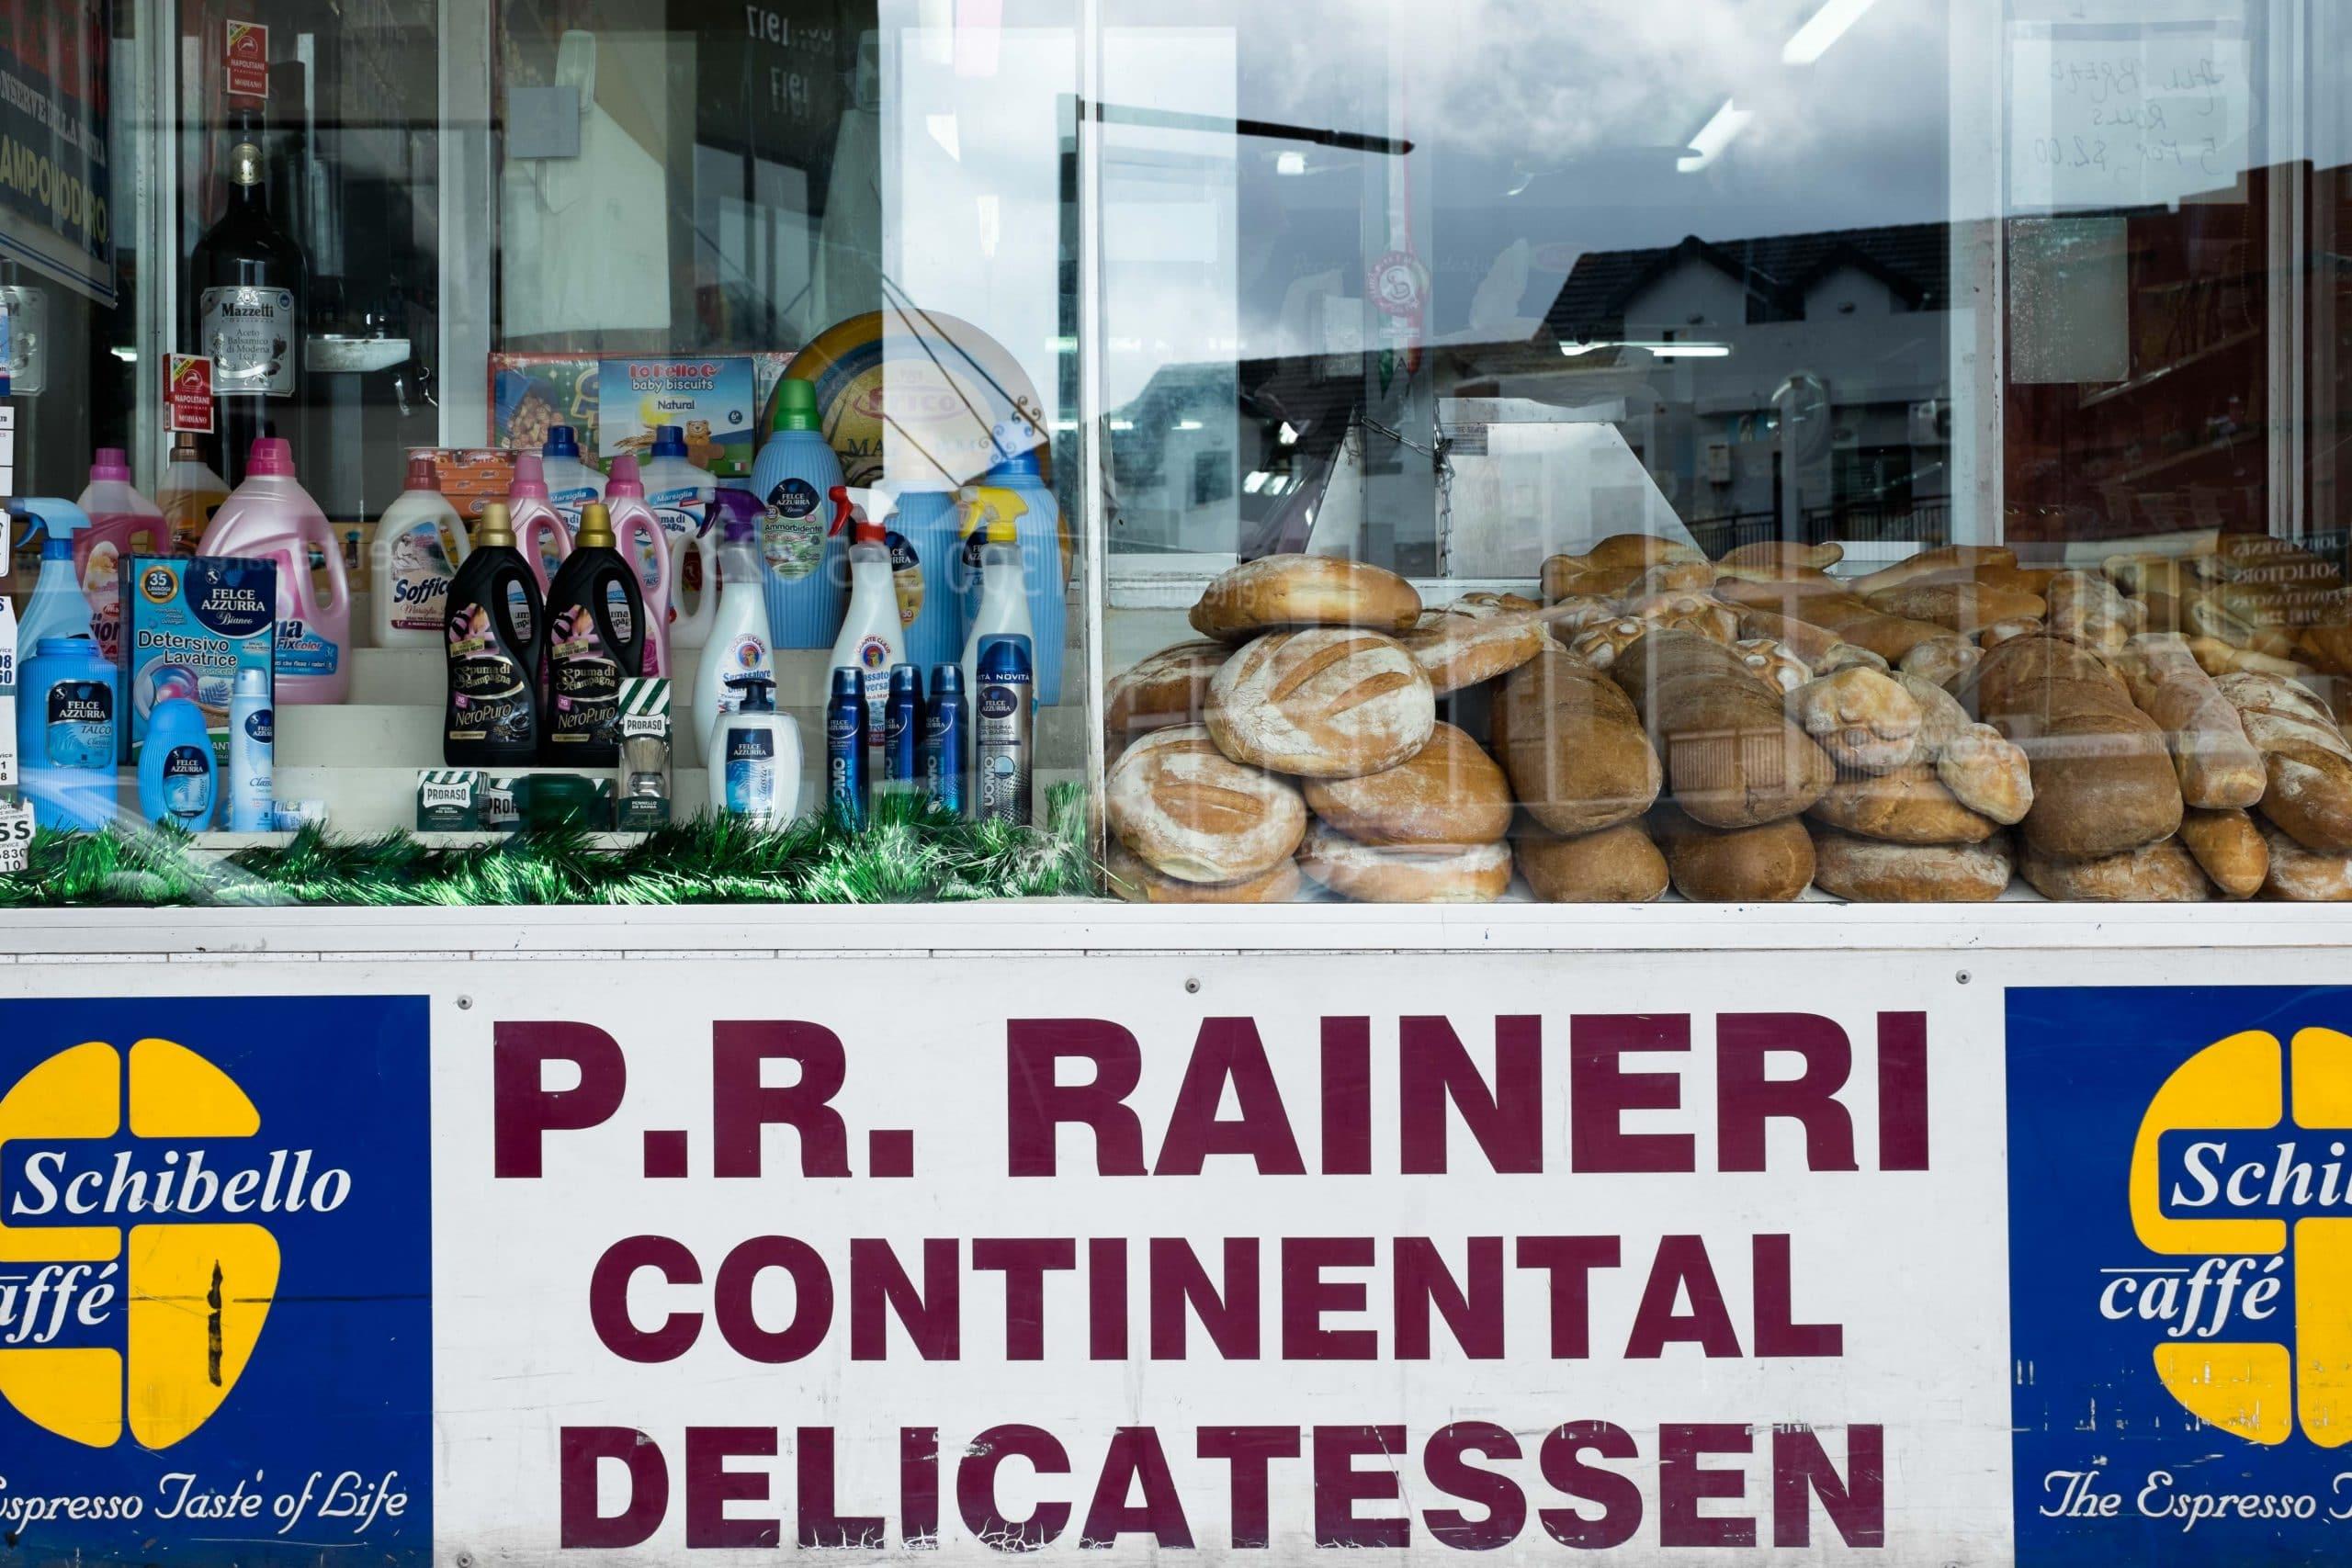 P.R. Raineri Continenal Delicatessen